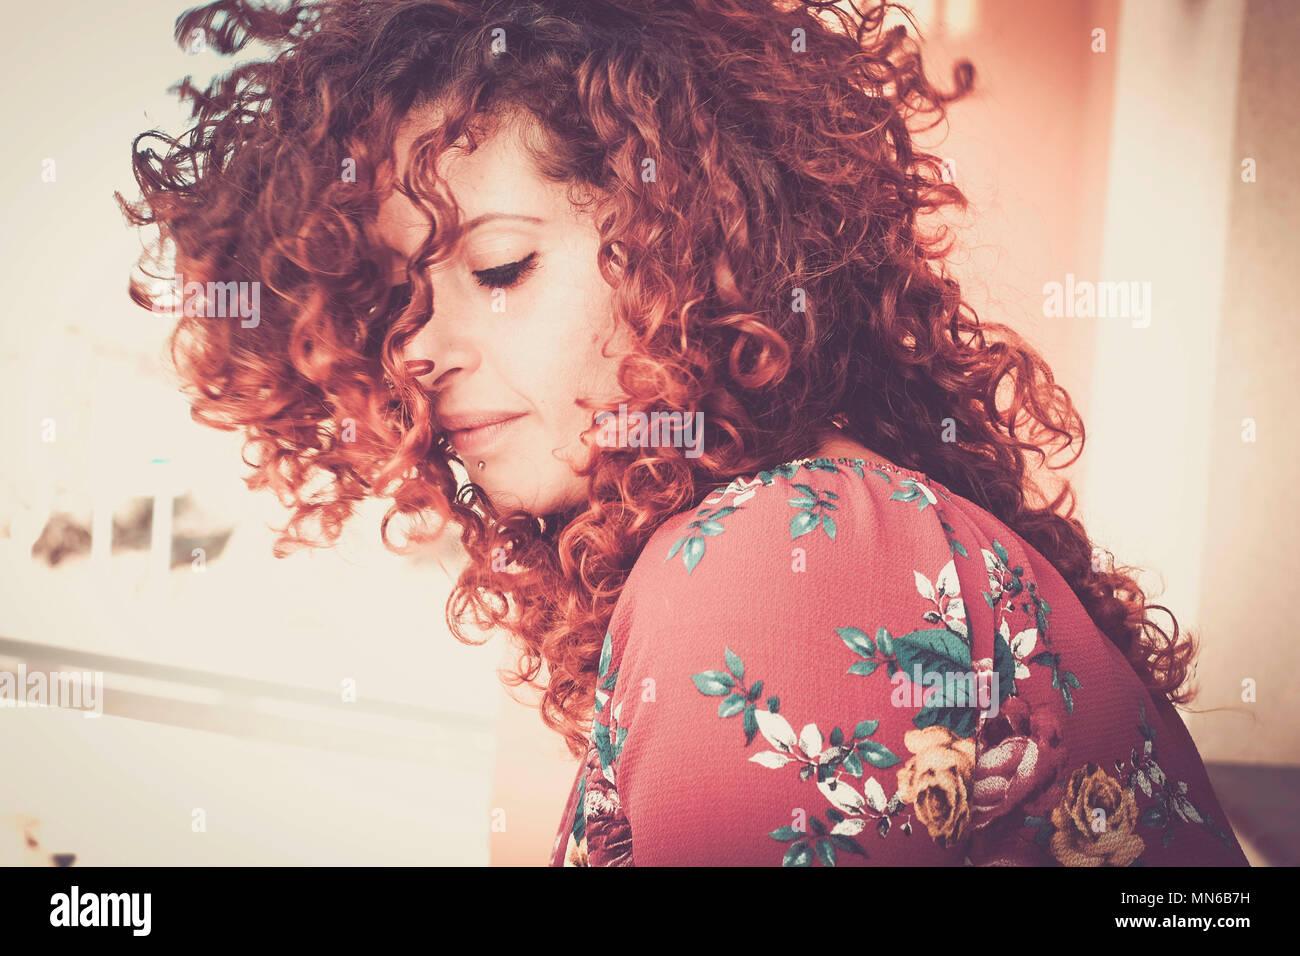 Bonito color rojo retrato de una niña de pelo rojo perdido en sus pensamientos solo en casa. cálidos colores y tonos, los ojos cerrados y solitarios, hermosa joven cacuasian woma Imagen De Stock